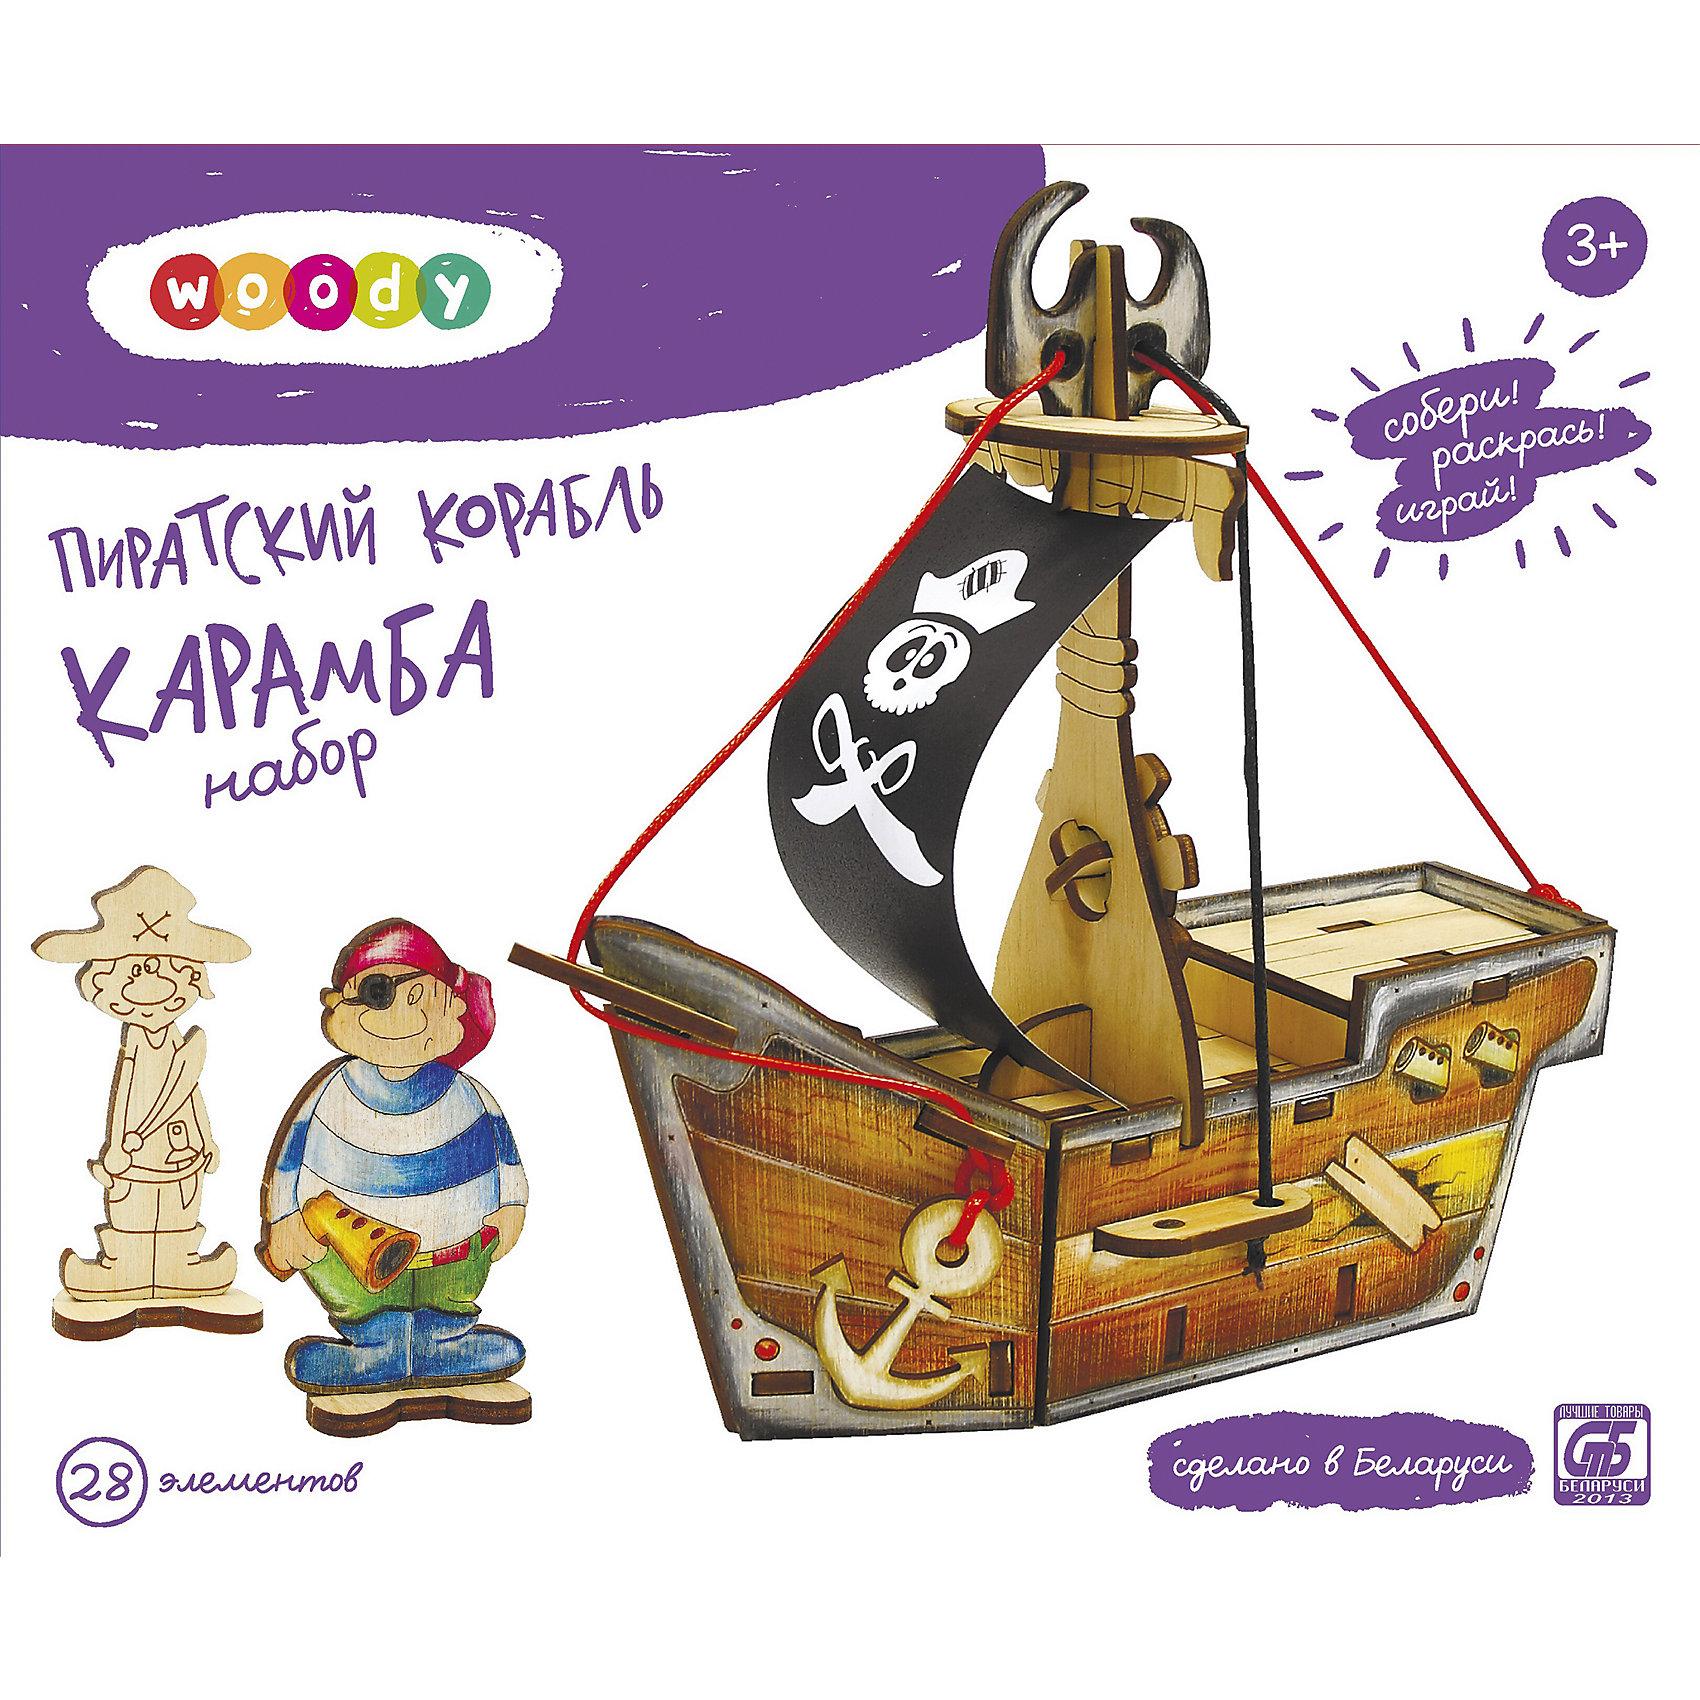 Набор Пиратский корабль КарамбаДеревянные игрушки - это не только красиво, это еще и экологично, интересно и увлекательно! Забавная развивающая игрушка Пиратский корабль Карамба - это деревянный пазл в виде пиратского корабля, он поможет ребенку научиться сопоставлять детали. <br>Этот пазл обязательно займет ребенка! Игра с ним помогает детям развивать мелкую моторику и познавать мир, также его можно раскрасить по своему усмотрению. Обучающая игрушка сделана из качественных и безопасных для ребенка материалов - натурального дерева.<br><br>Дополнительная информация:<br><br>цвет: дерево;<br>размер упаковки: 27 х 23 х 6 см;<br>вес: 340 г;<br>элементов: 28 деревянных деталей корабля, 2 пирата, веревки;<br>материал: дерево.<br><br>Набор Пиратский корабль Карамба можно купить в нашем магазине.<br><br>Ширина мм: 270<br>Глубина мм: 230<br>Высота мм: 60<br>Вес г: 345<br>Возраст от месяцев: 36<br>Возраст до месяцев: 2147483647<br>Пол: Унисекс<br>Возраст: Детский<br>SKU: 4916364